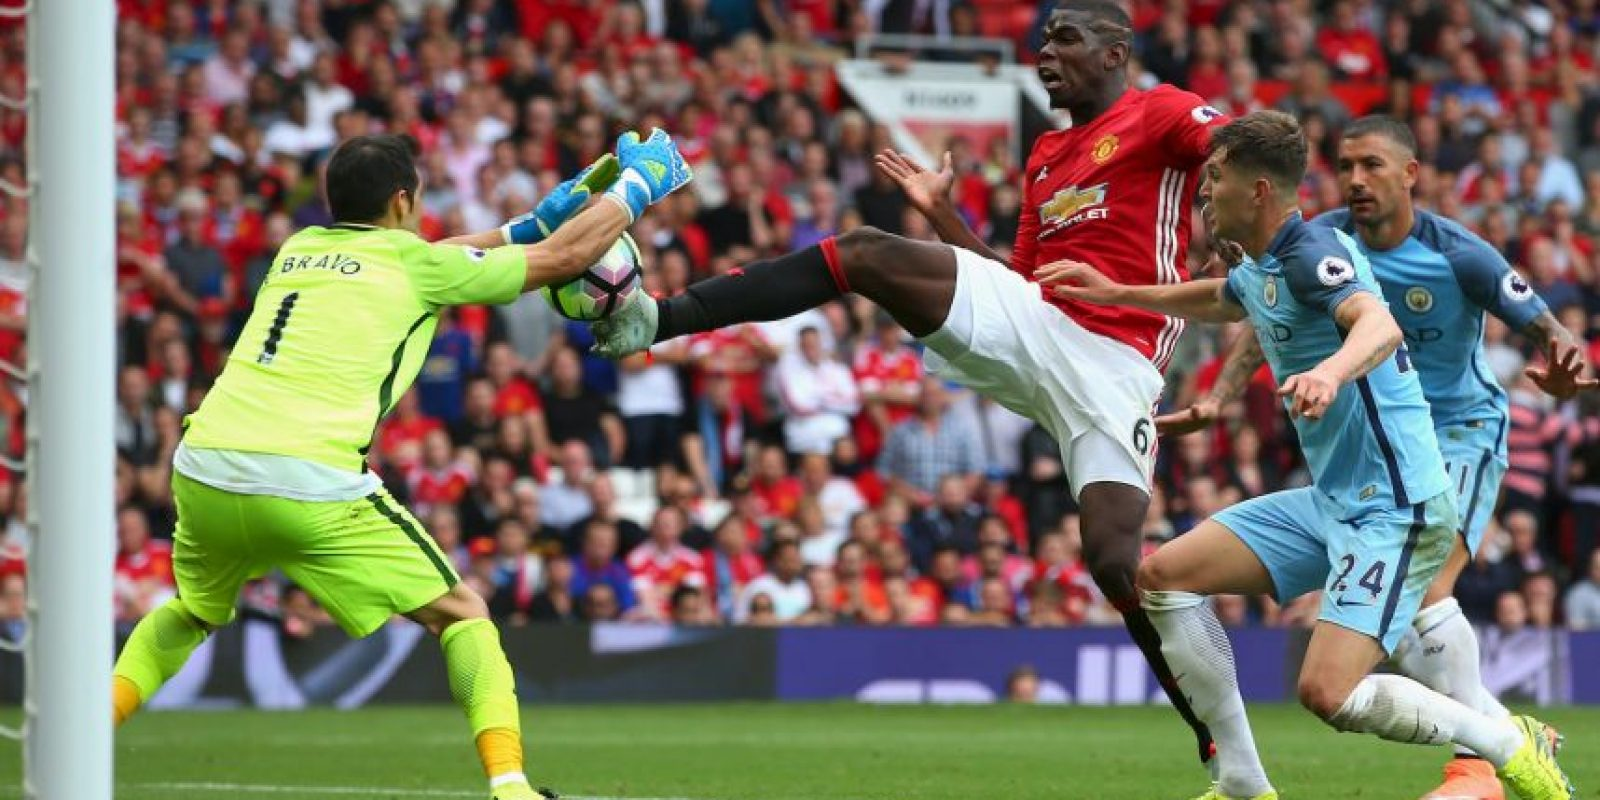 Getty Images Foto:El mediocampista no ha tenido buen rendimiento en su inicio en Manchester United.